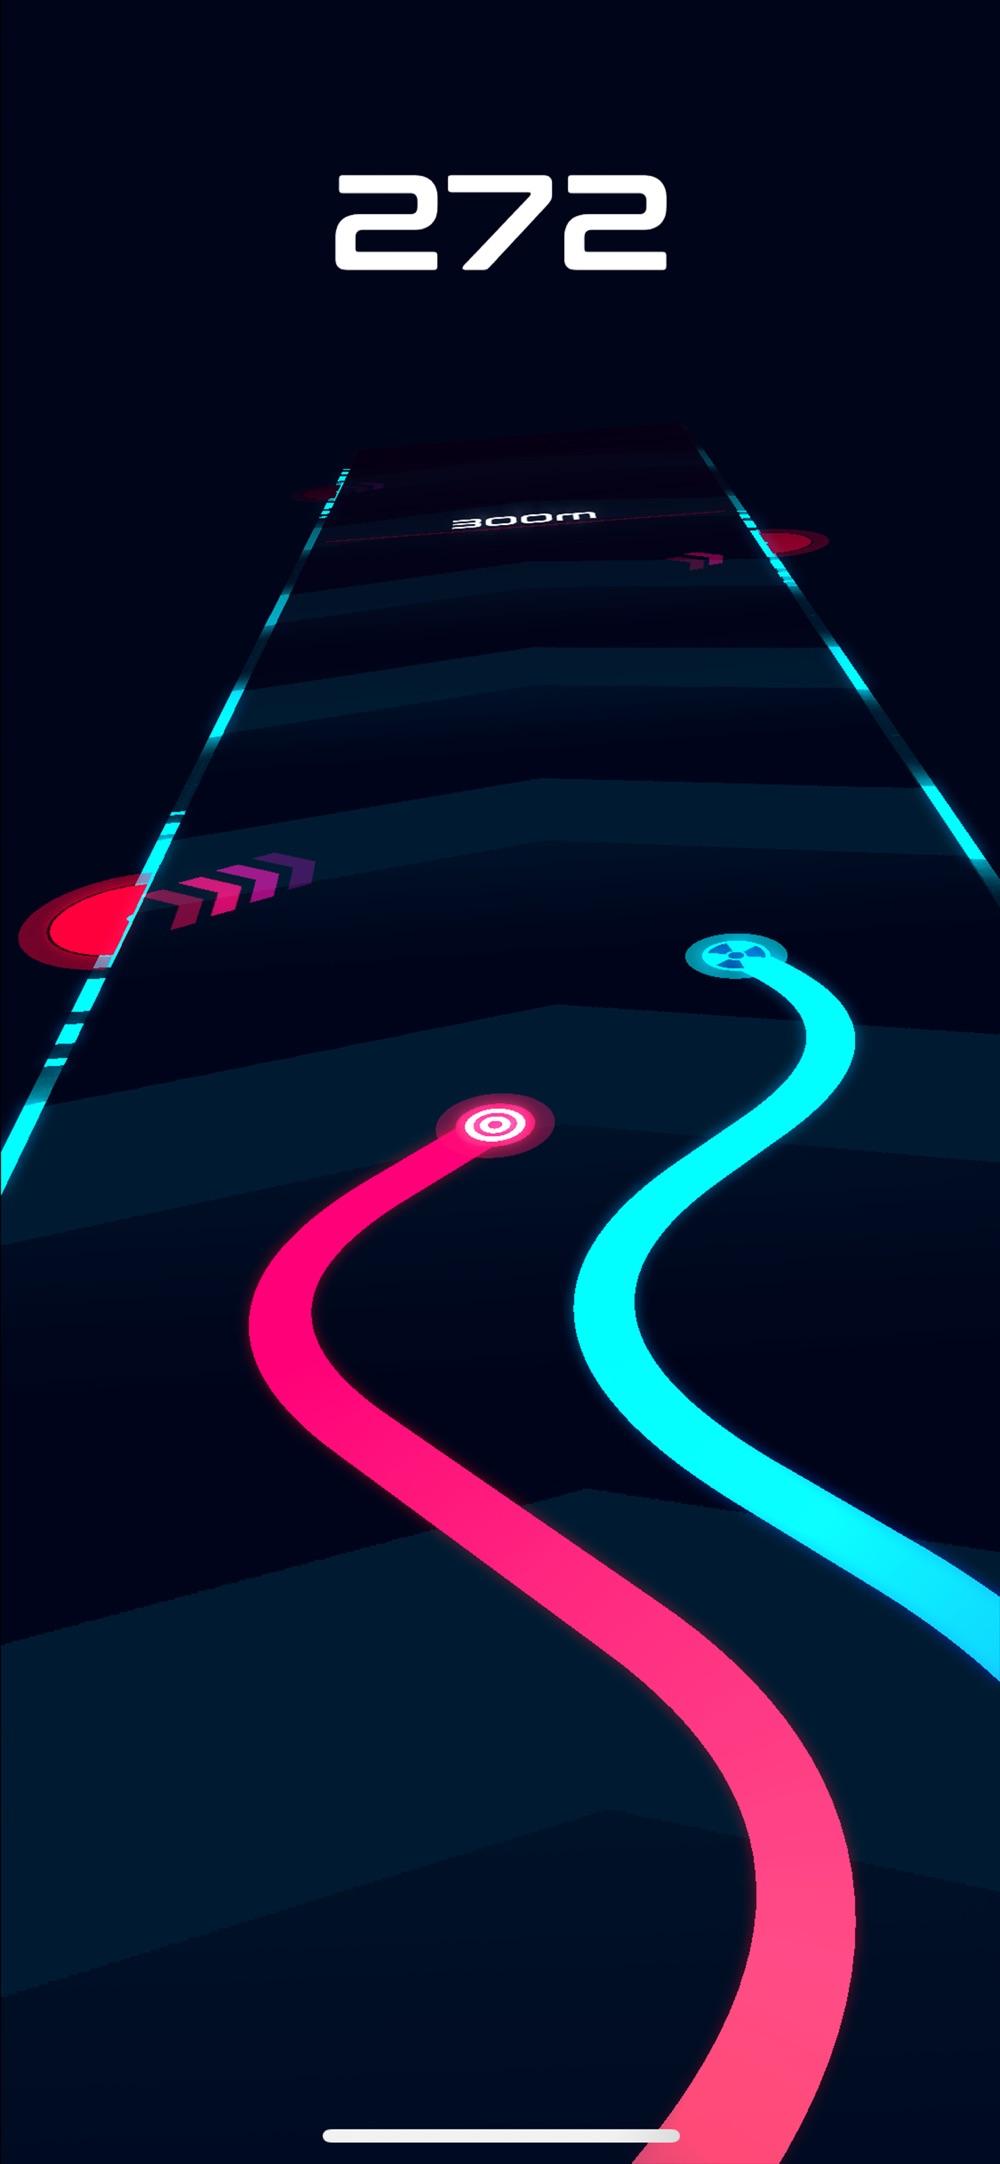 Wavy Lines: Battle Racing Game